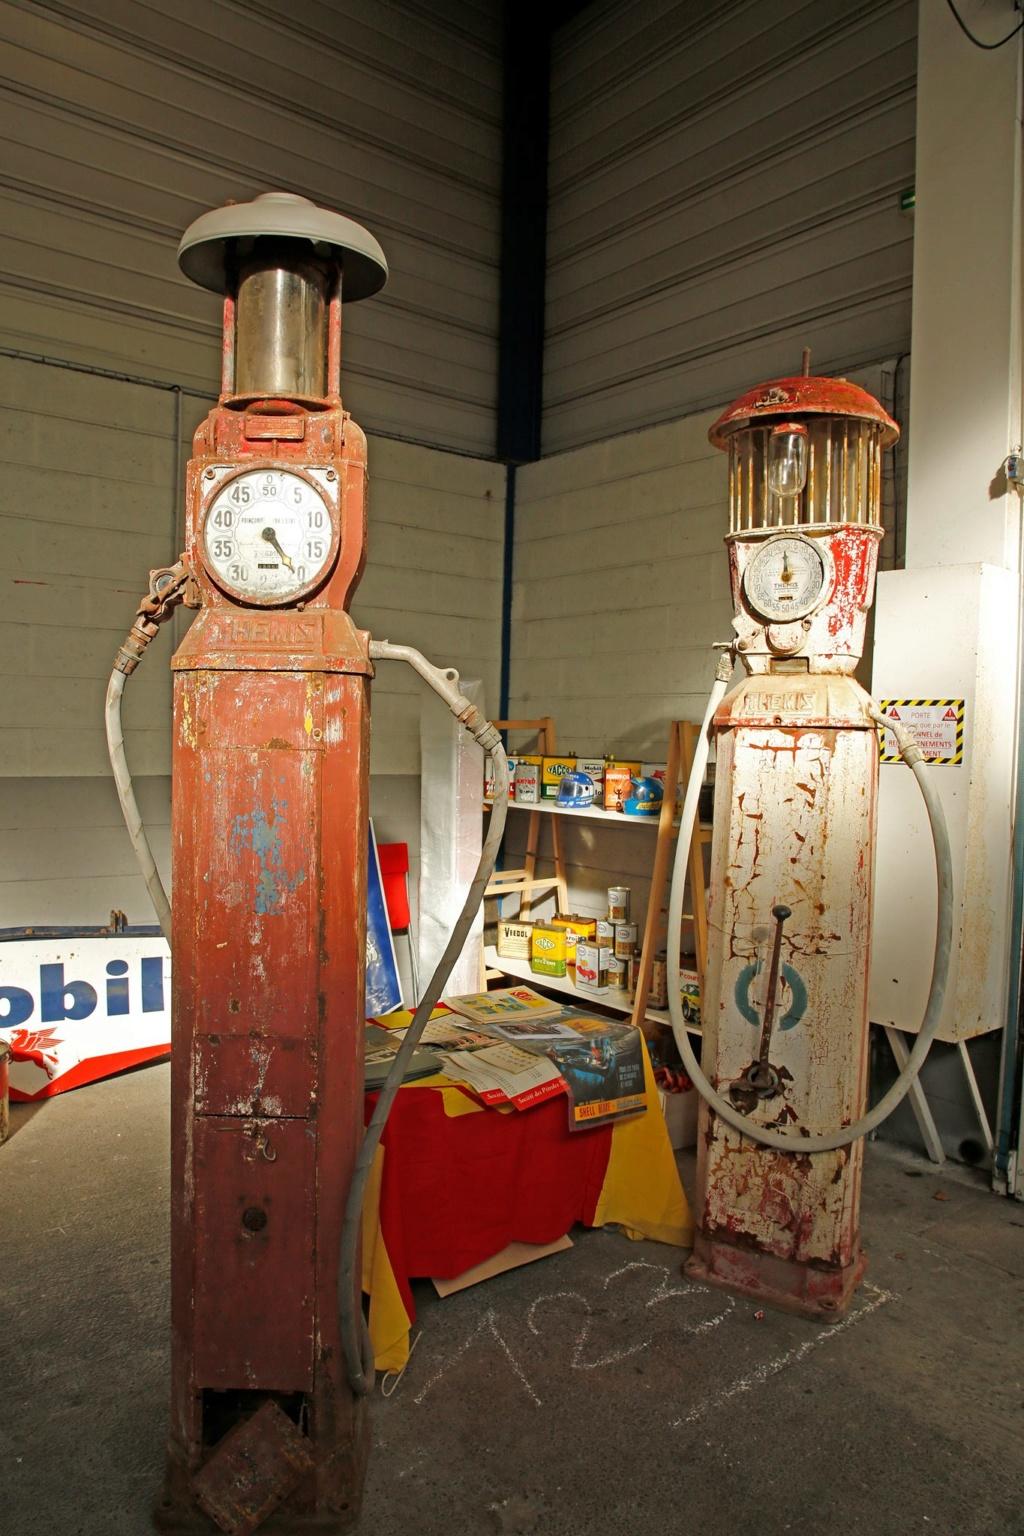 un petit Musée privé sur le thème des vieilles pompes à essence - Page 3 13128